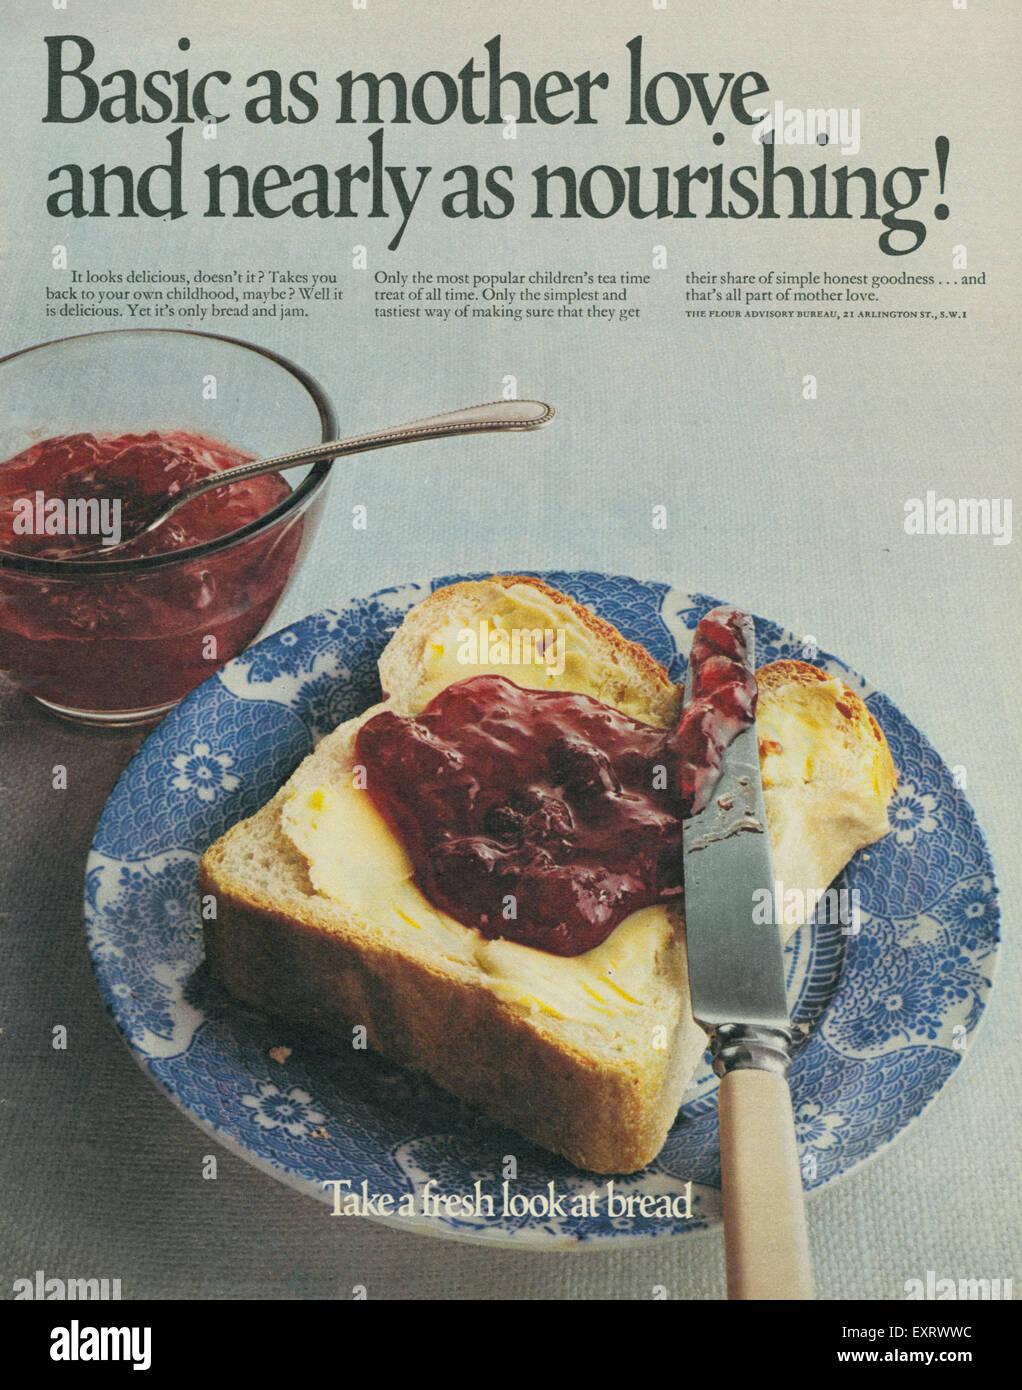 1970s UK The Flour Advisory Bureau Magazine Advert Stock Photo